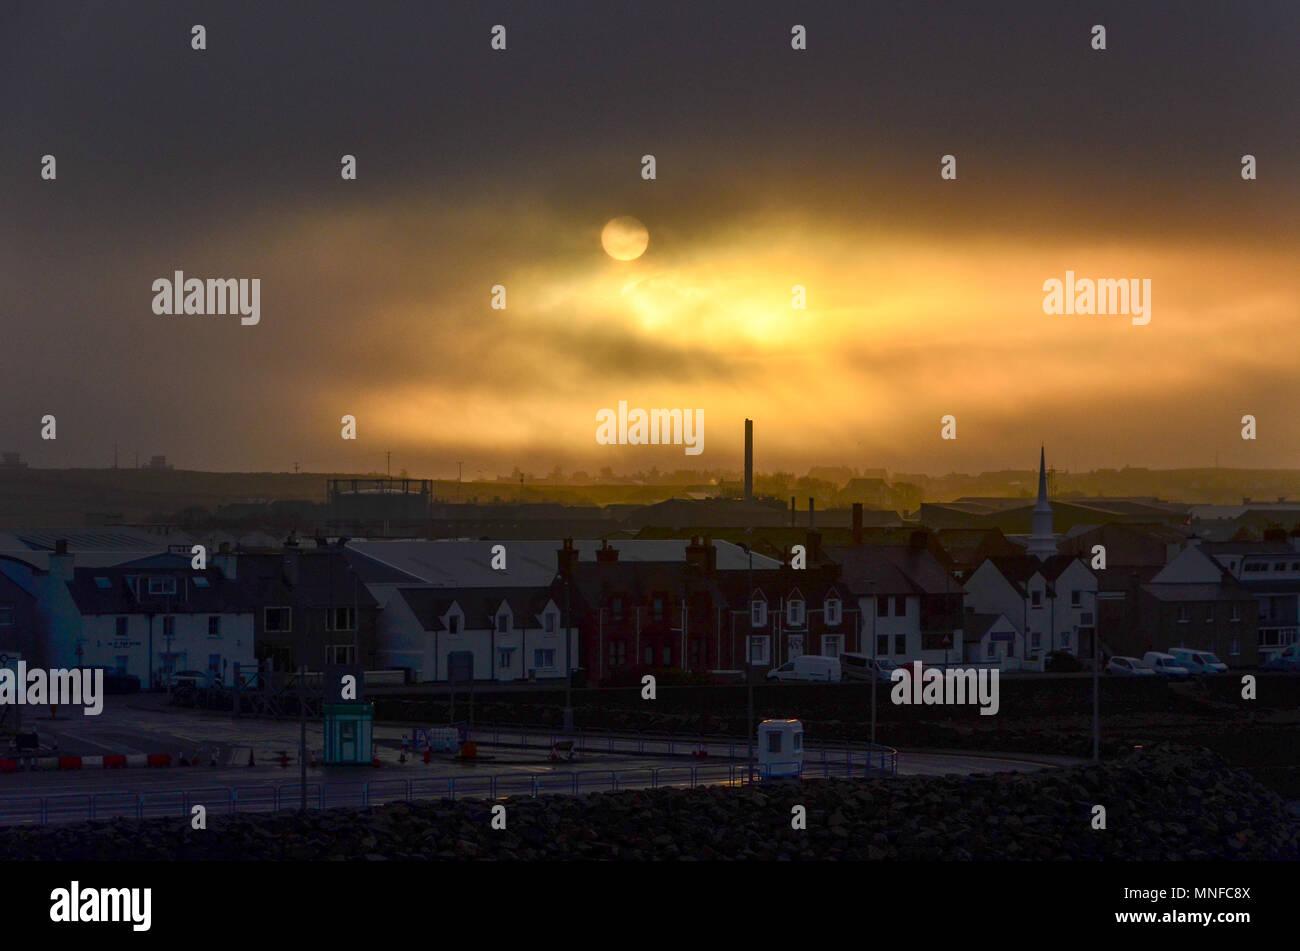 Sunrise over Stornoway, Outer Hebrides, Scotland, UK - Stock Image